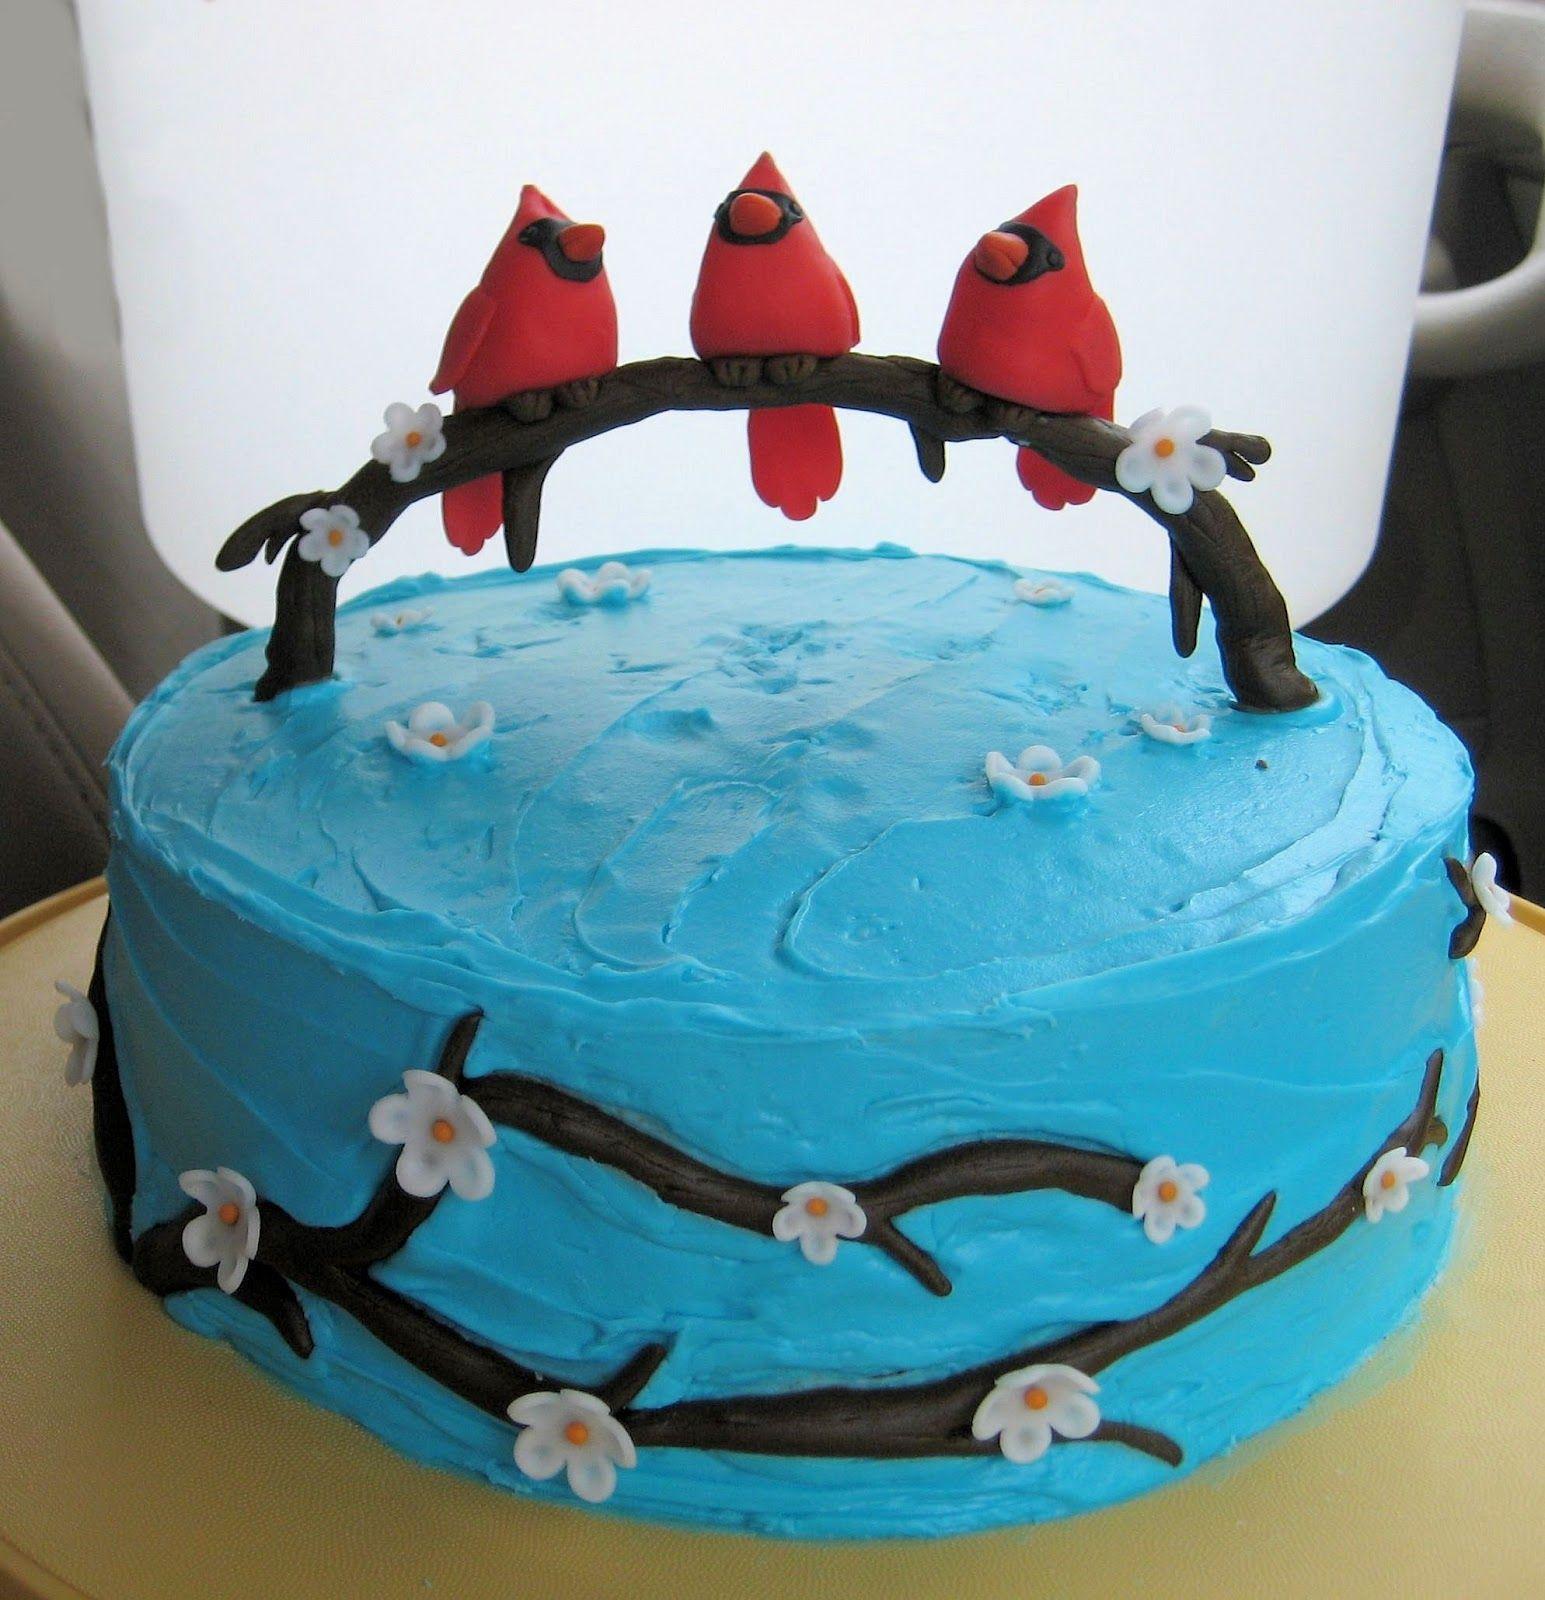 cardinalbirdcake made this cardinal cake for my husbands